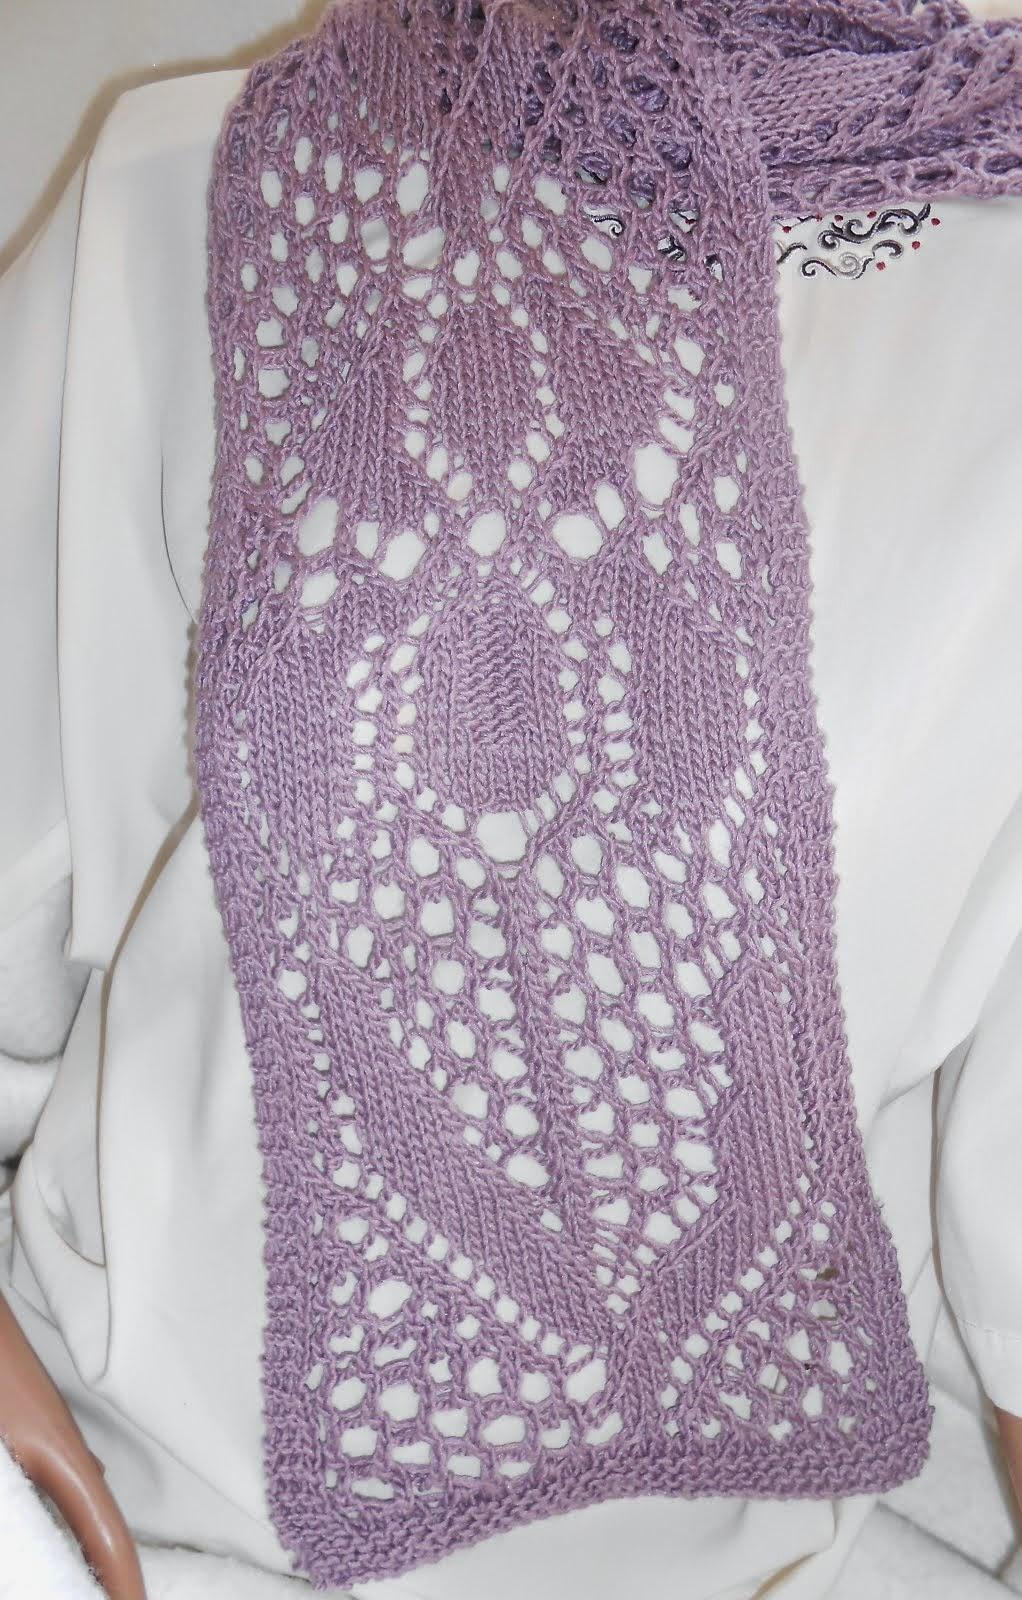 LoisLeigh's Luxurious Lacy Iris Scarf